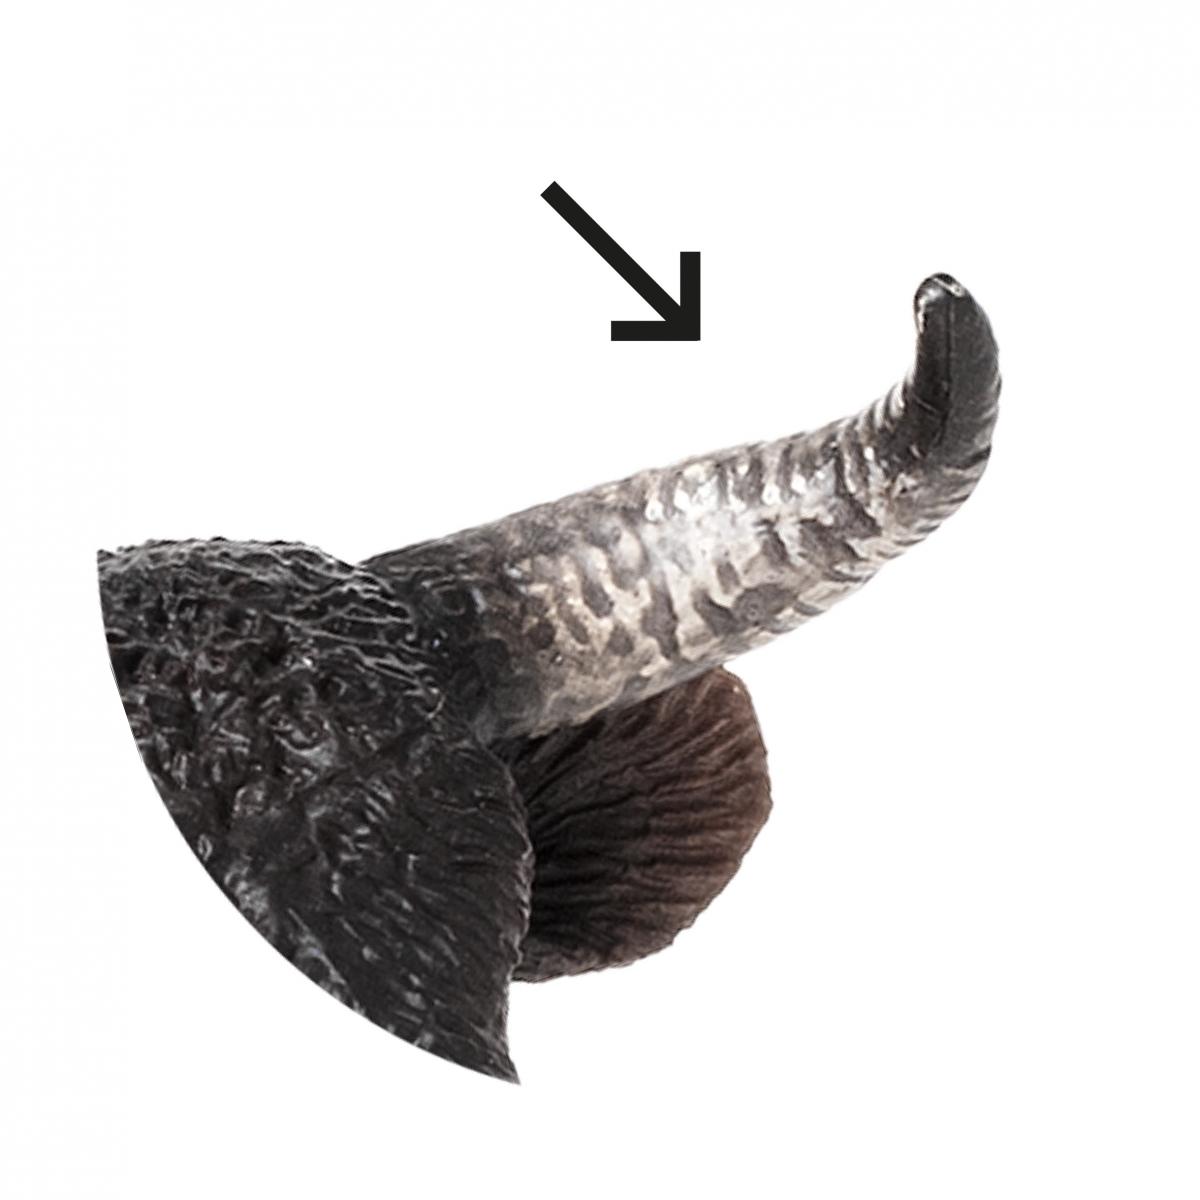 Imagen en la que se ve un cuerno de animal